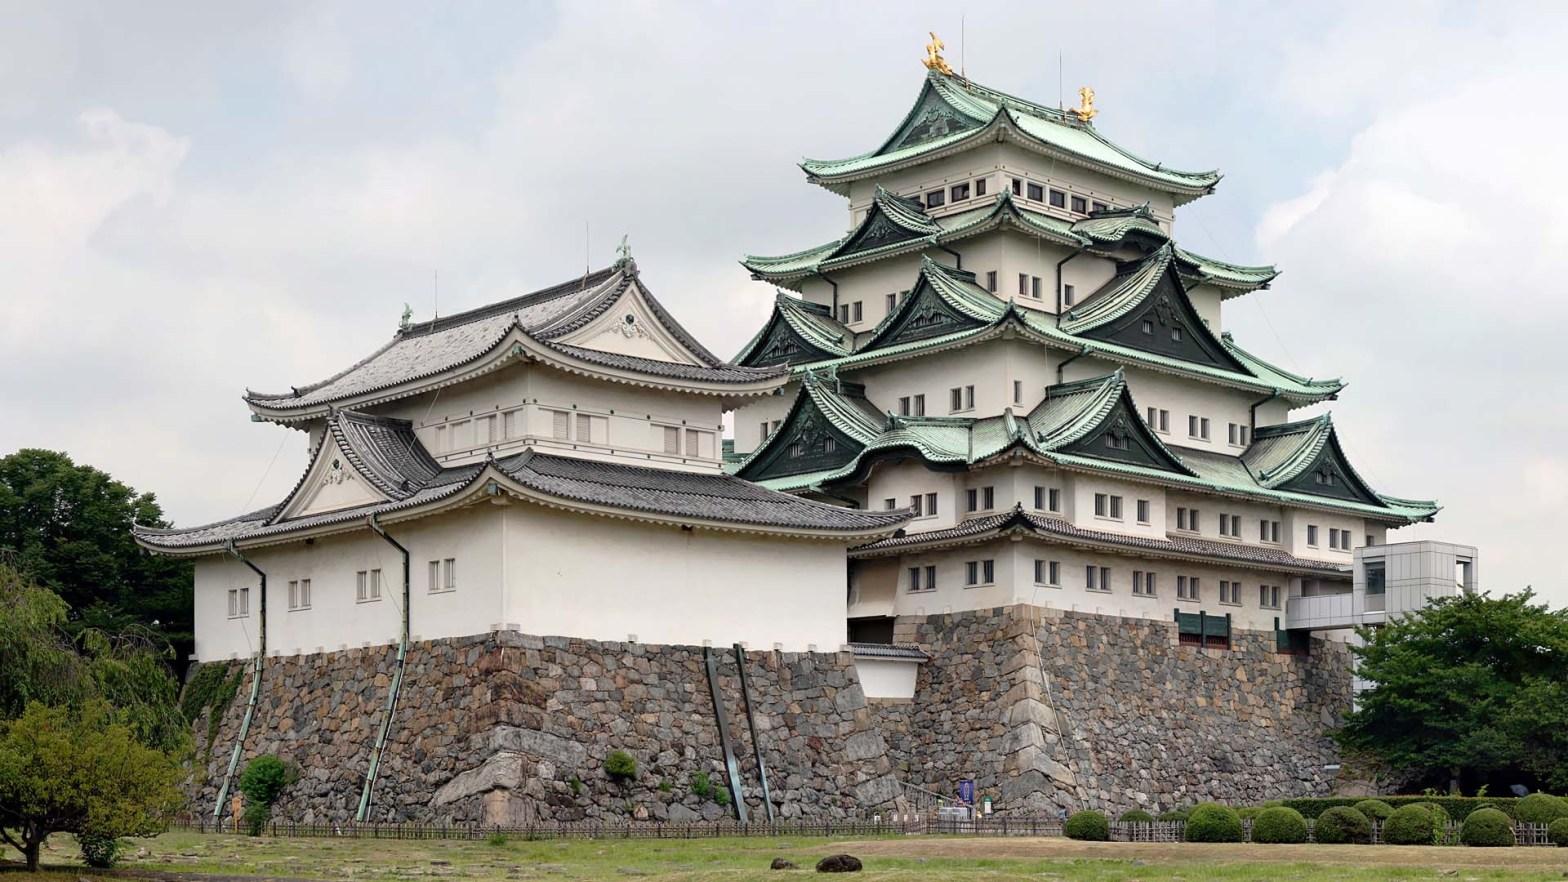 Il Castello di Nagoya in Giappone